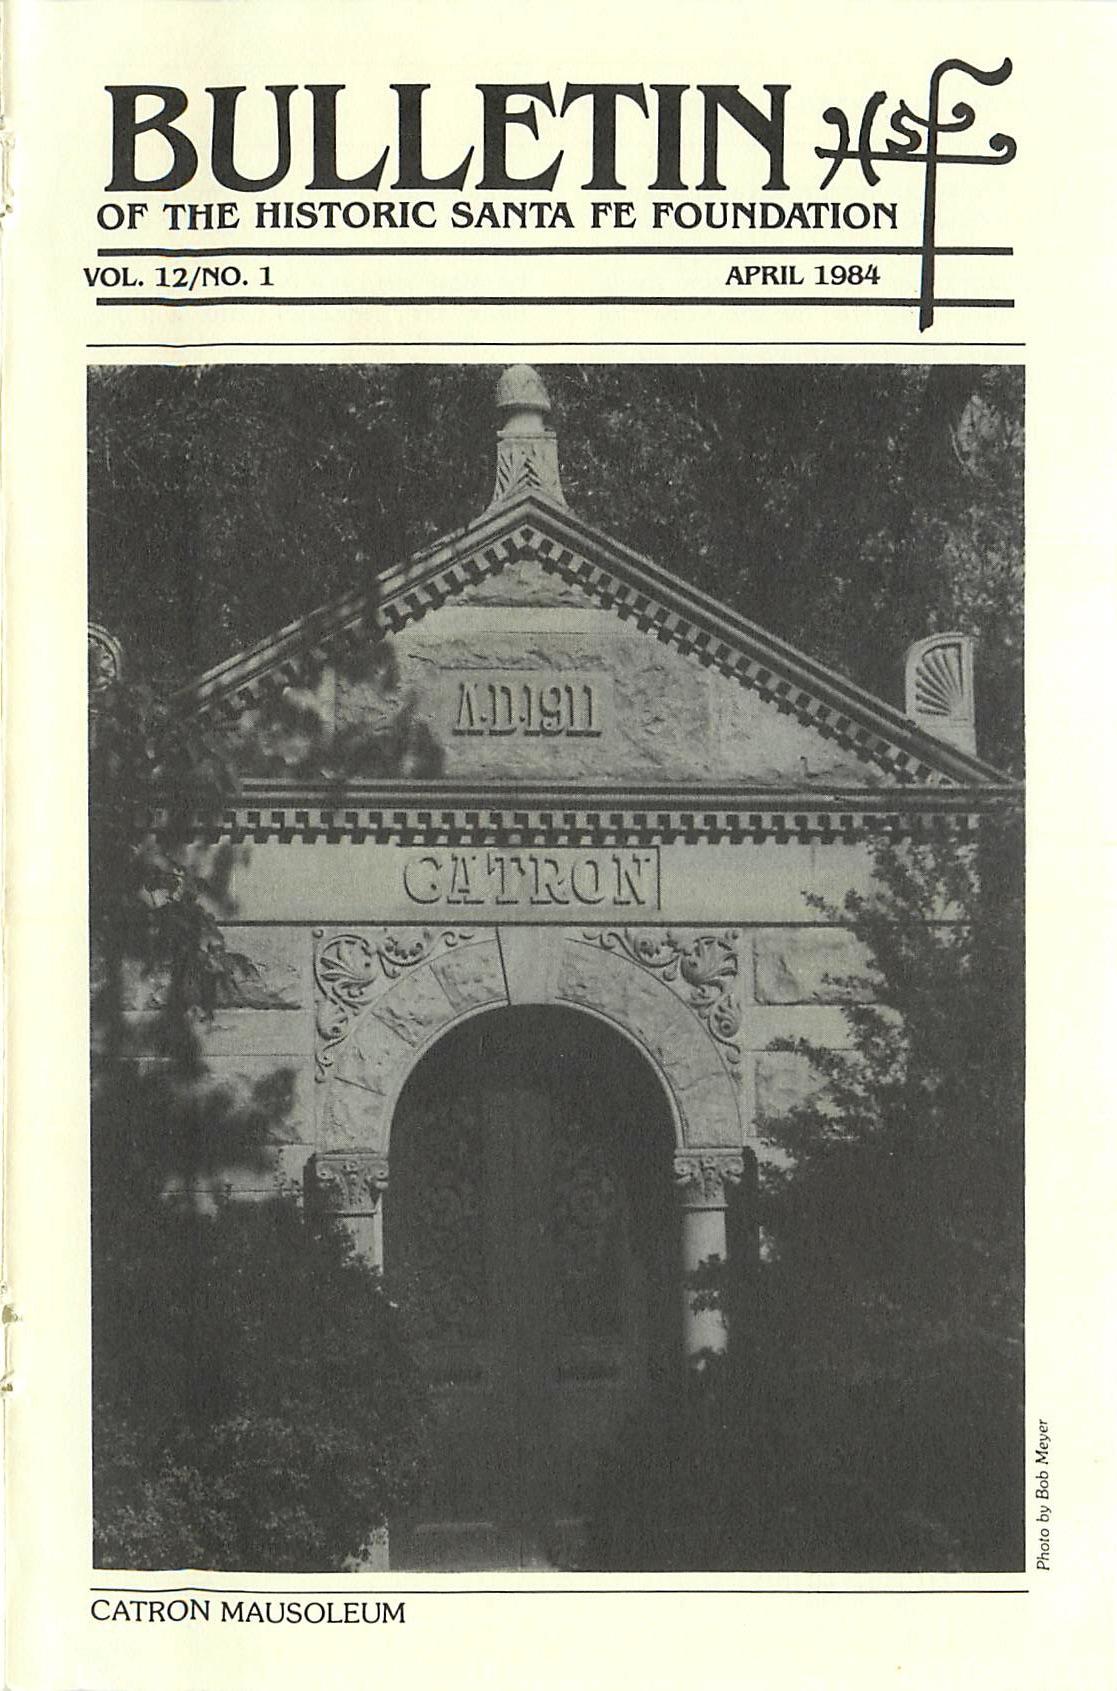 1984 HSFF Bulletin Vol.12 No.1 Cover